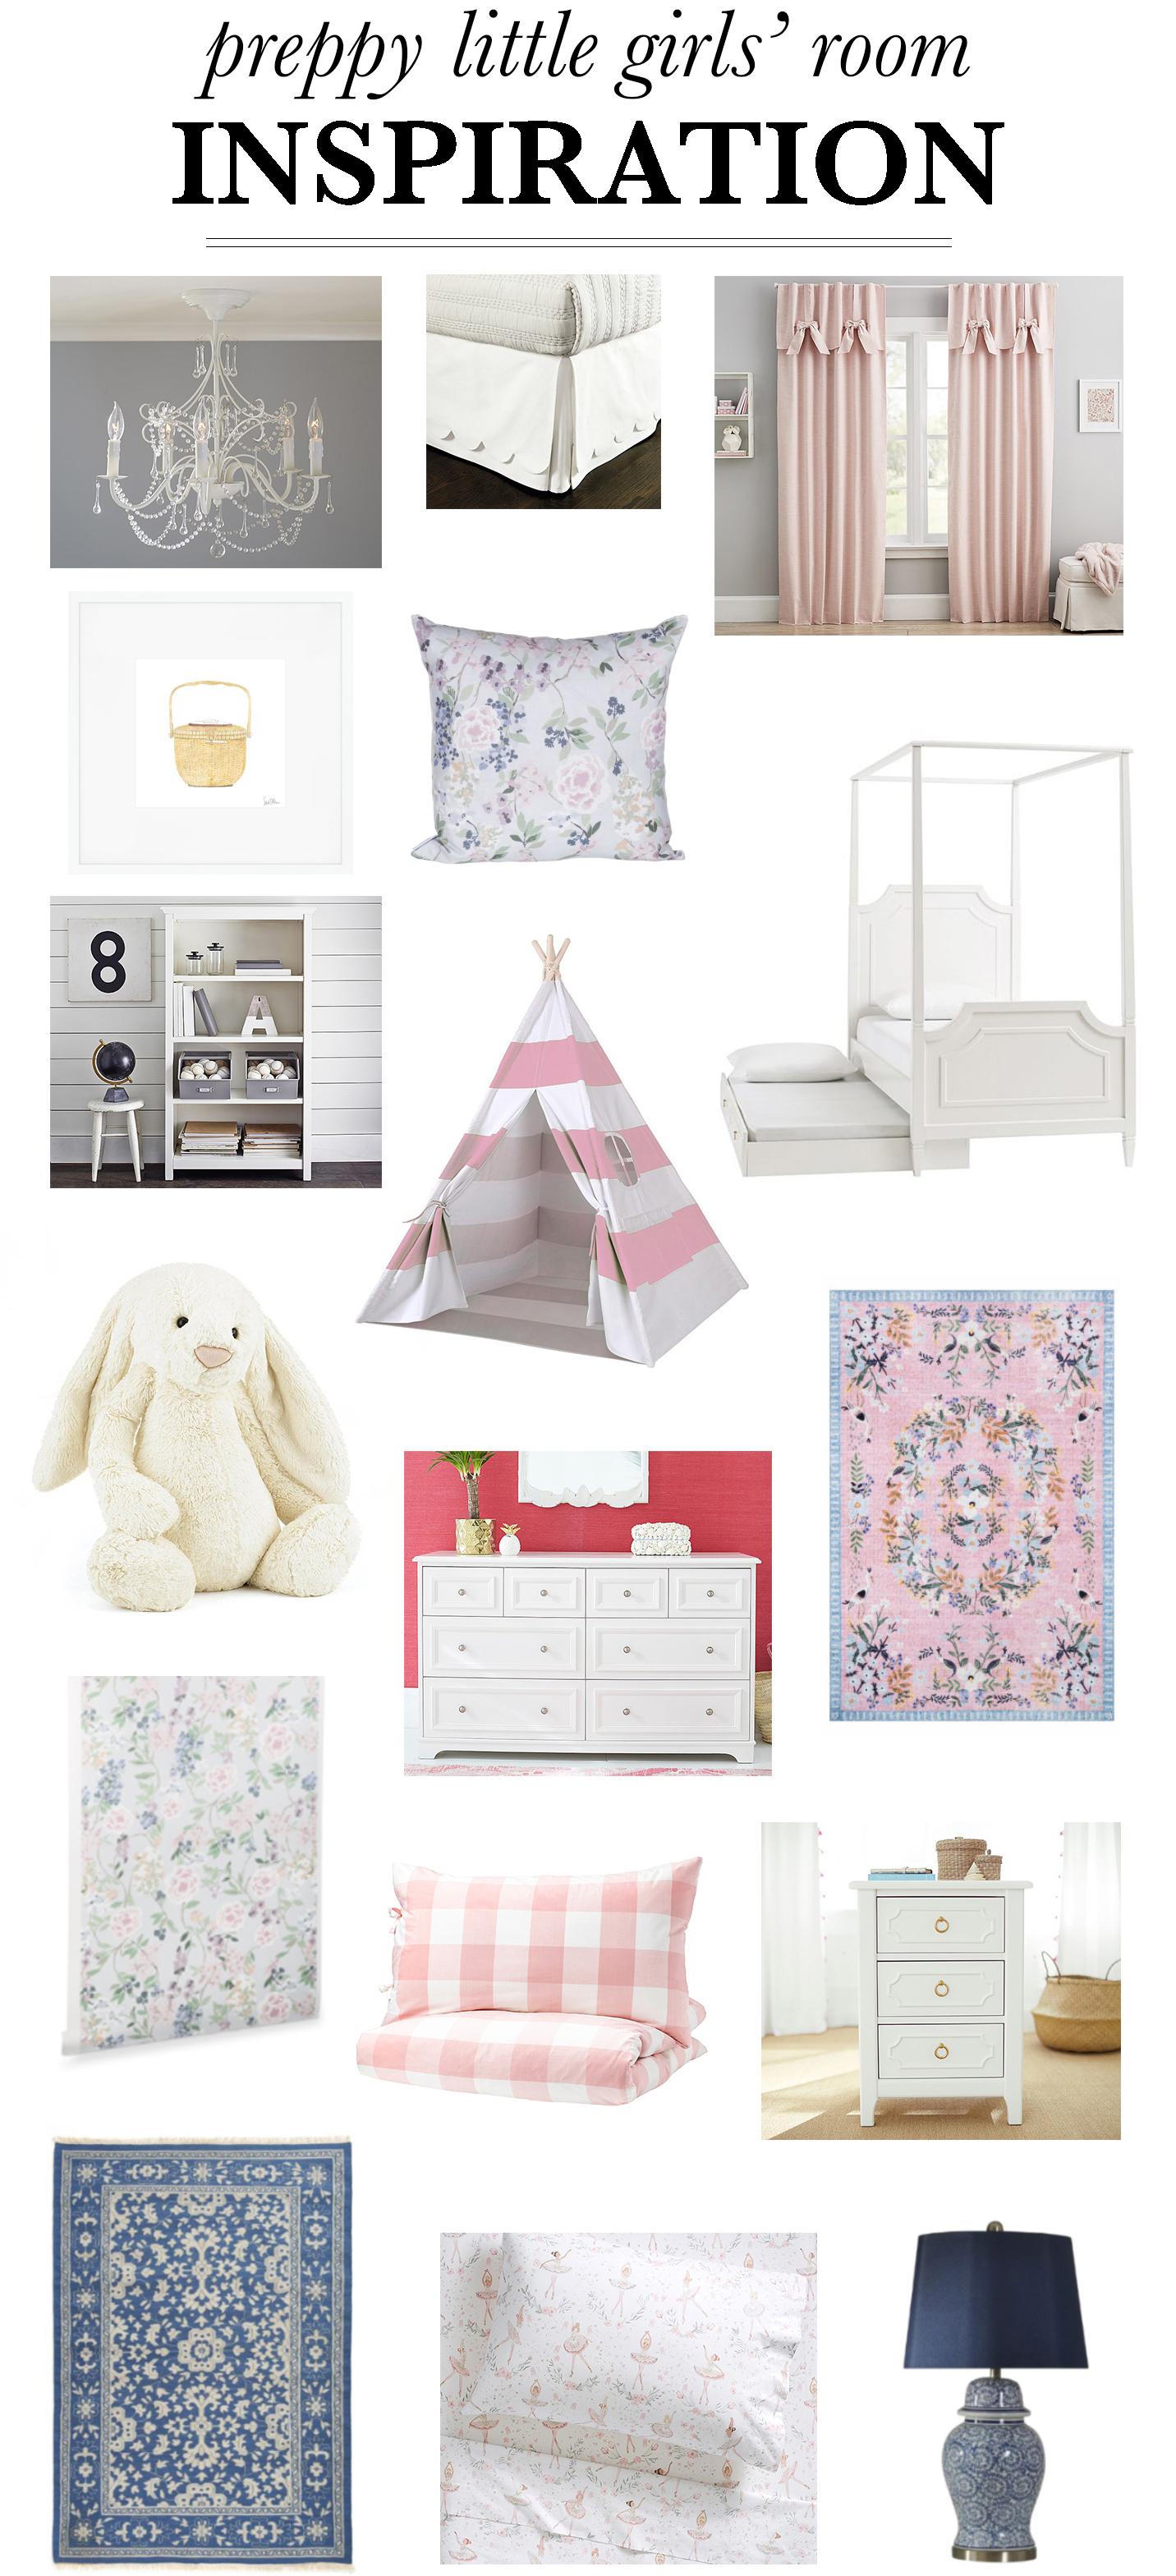 Preppy Little Girls' Room Ideas